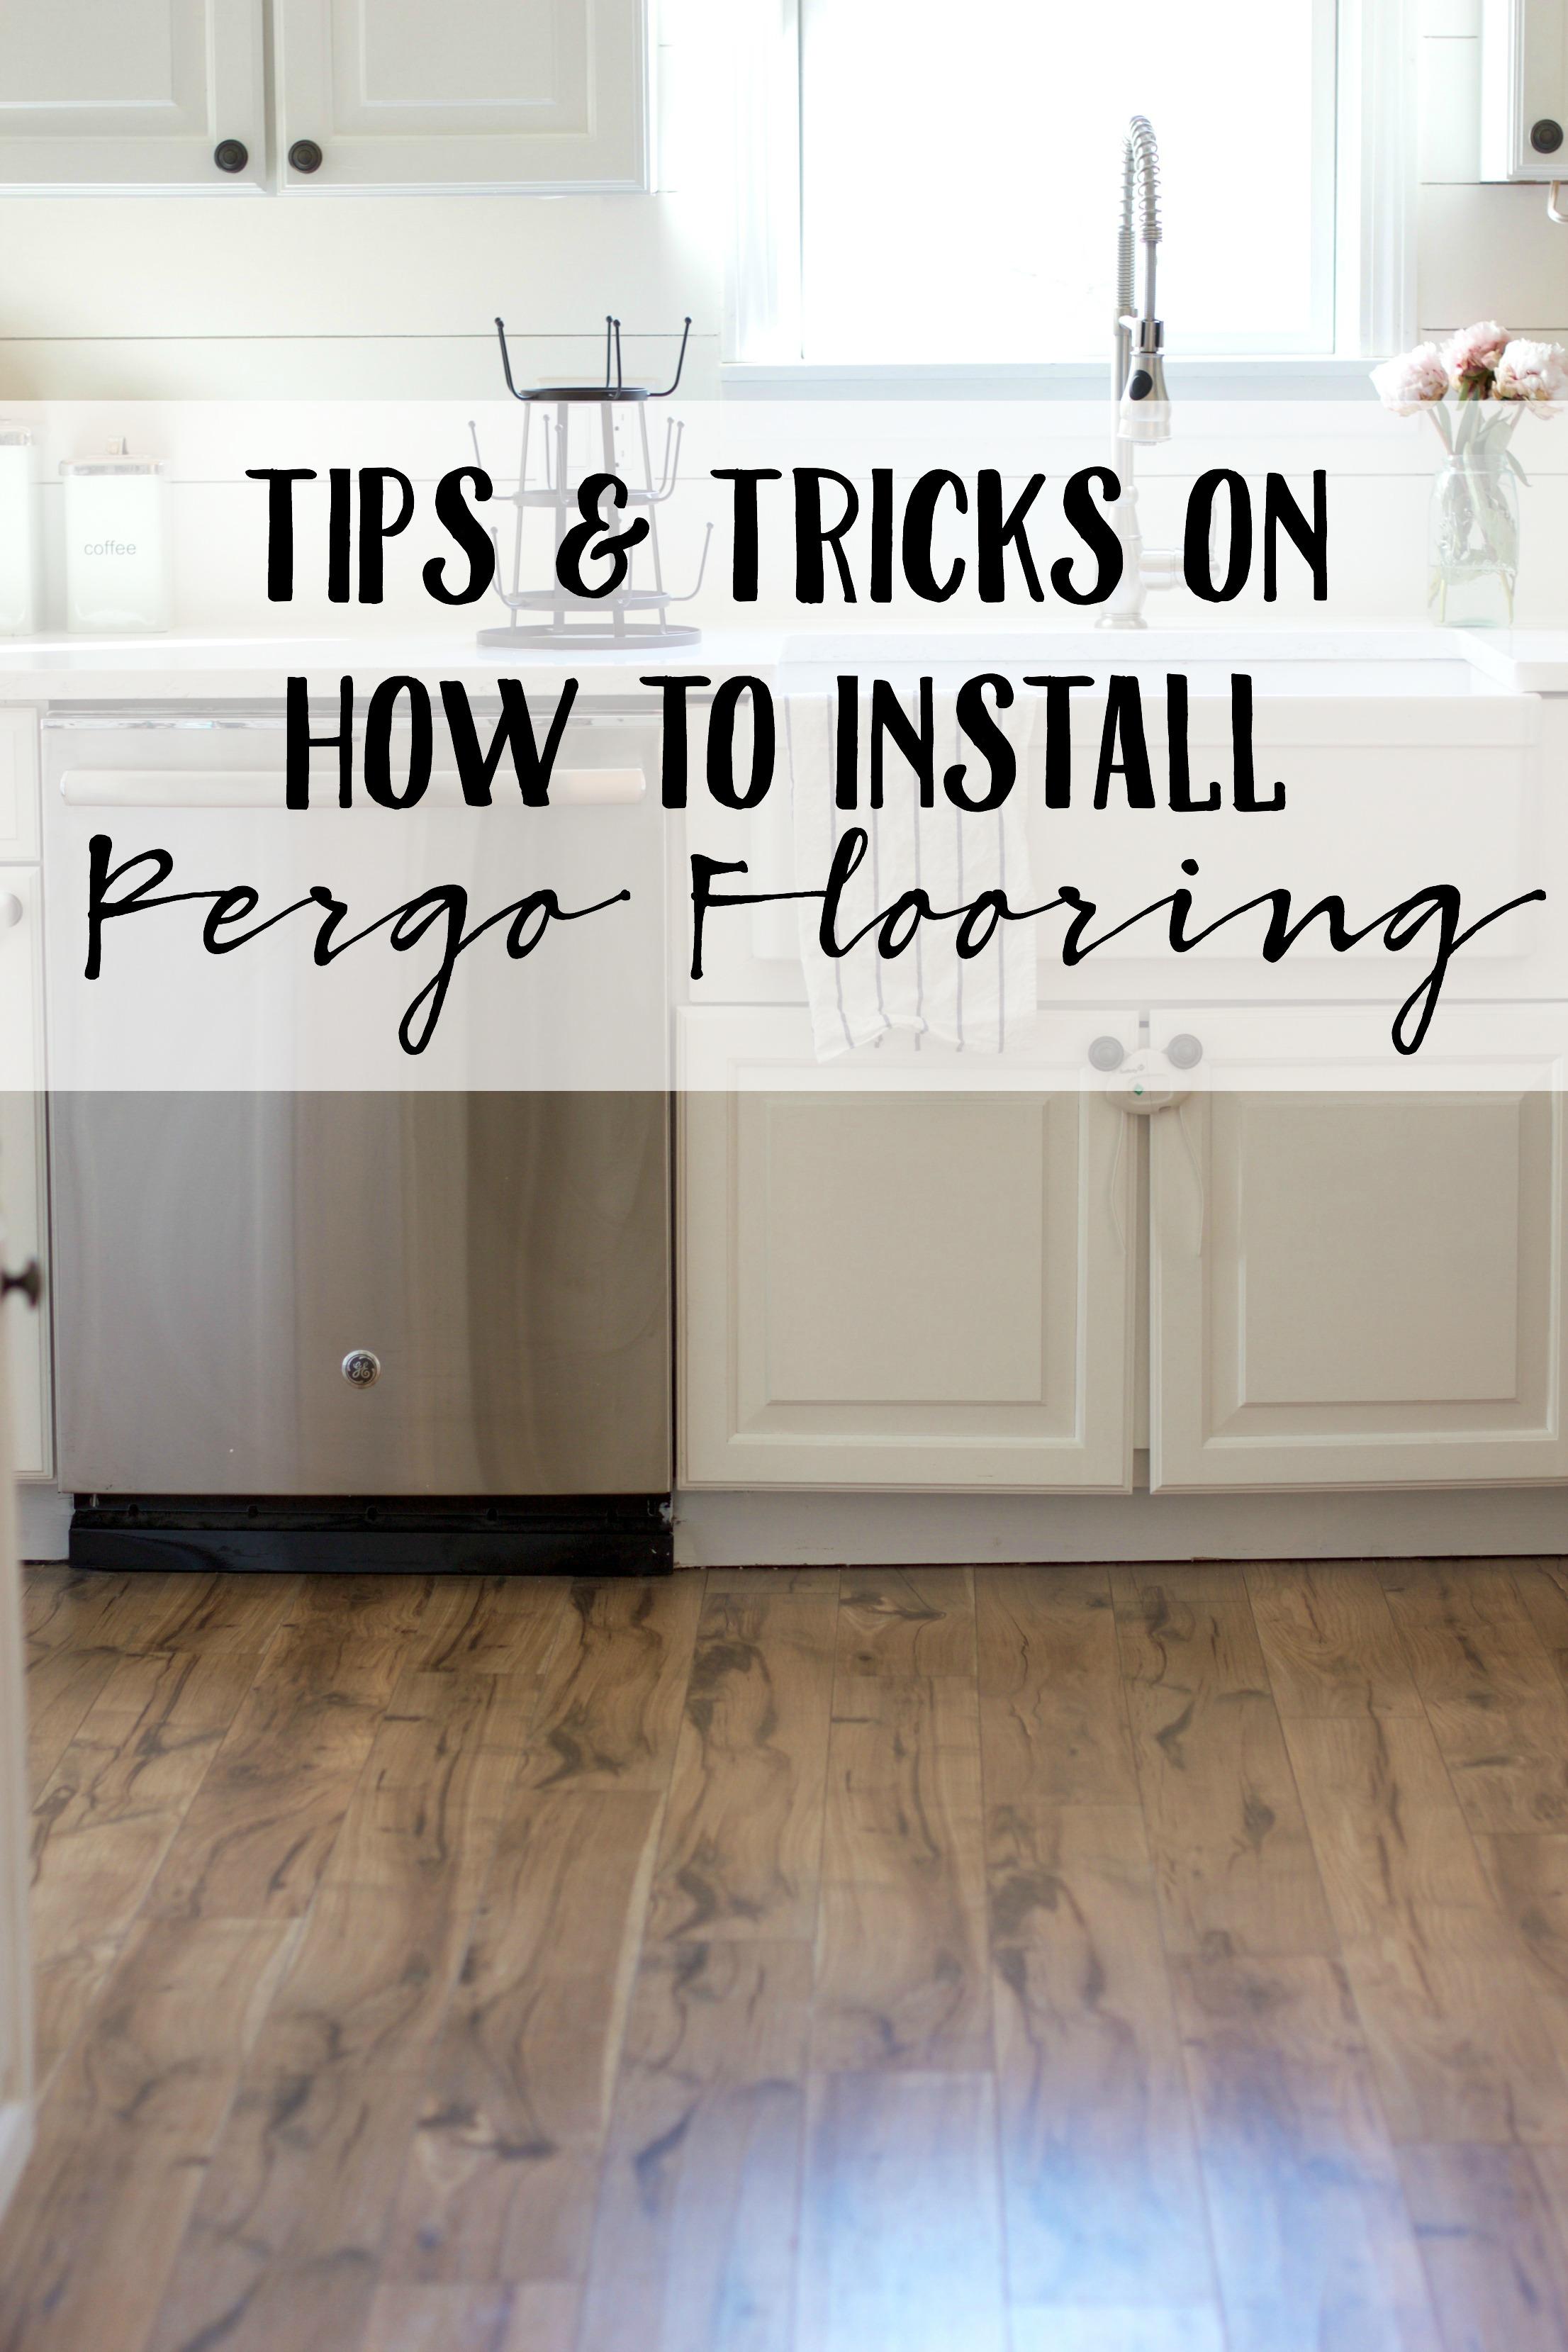 Install Pergo Flooring, How To Take Care Of Pergo Laminate Flooring